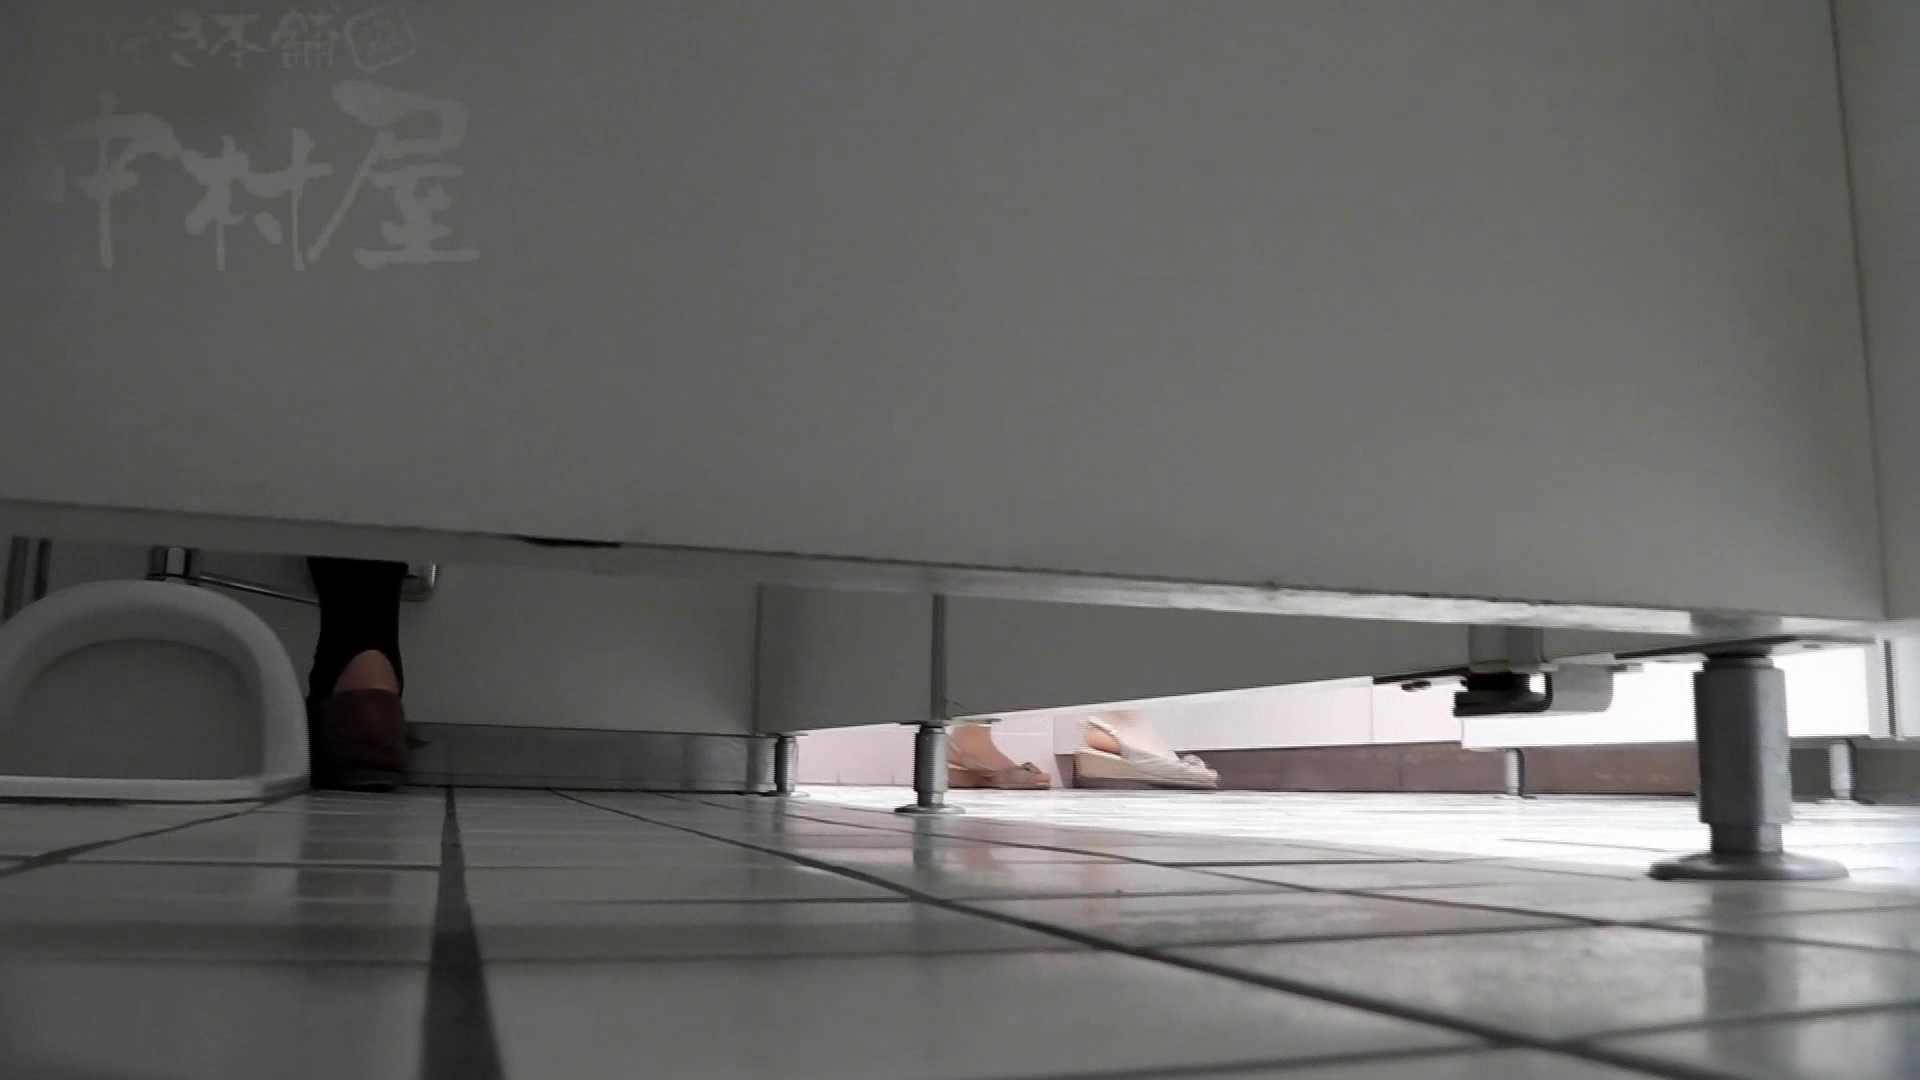 美しい日本の未来 No.29 豹柄サンダルはイ更●気味??? 乙女  70pic 63